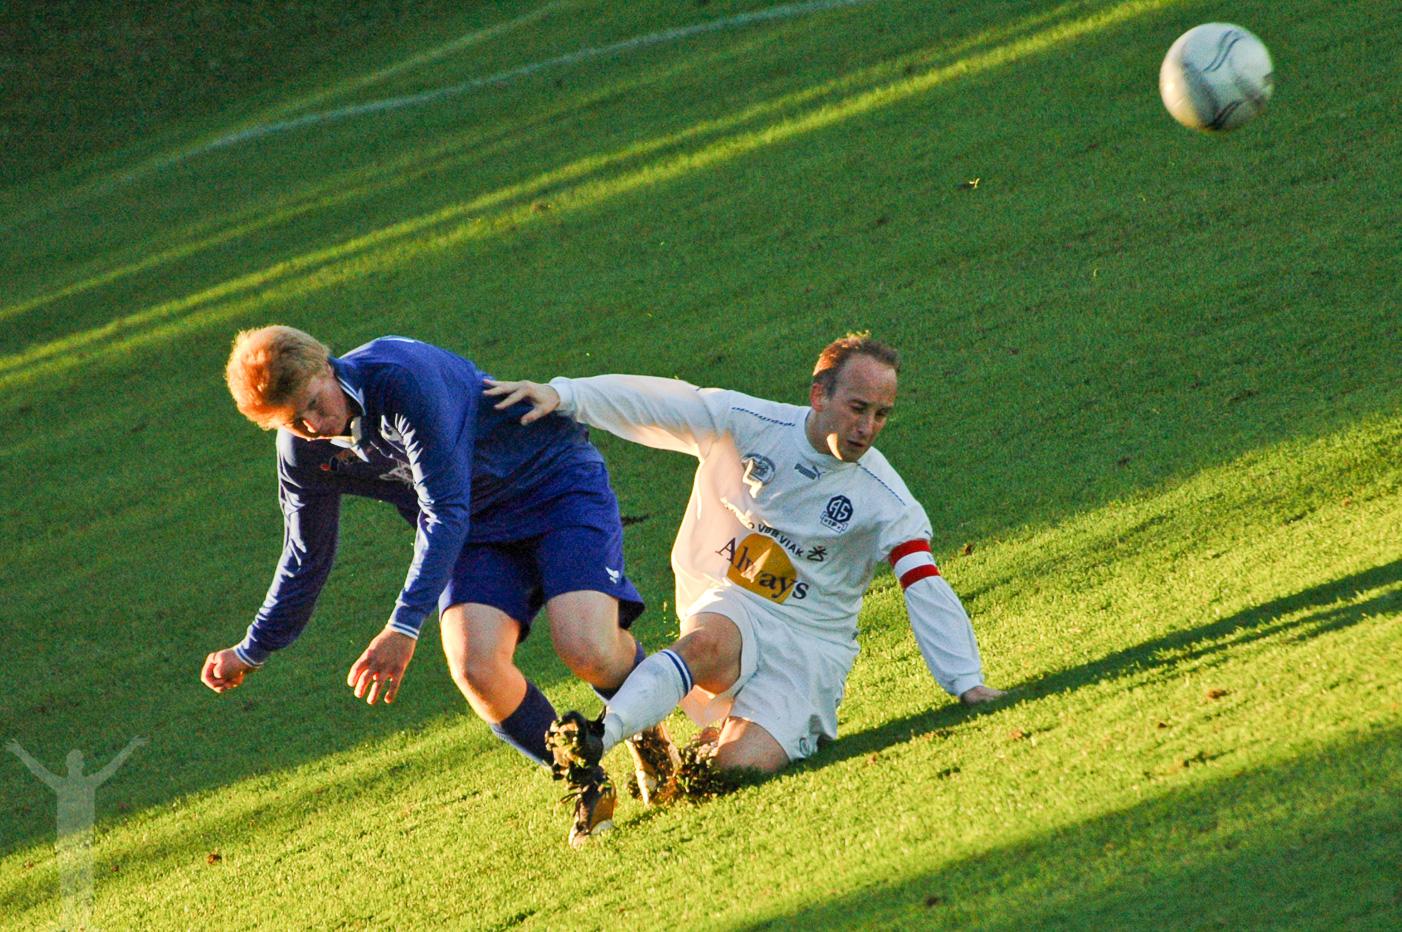 Saknaden, Dryden & fotboll